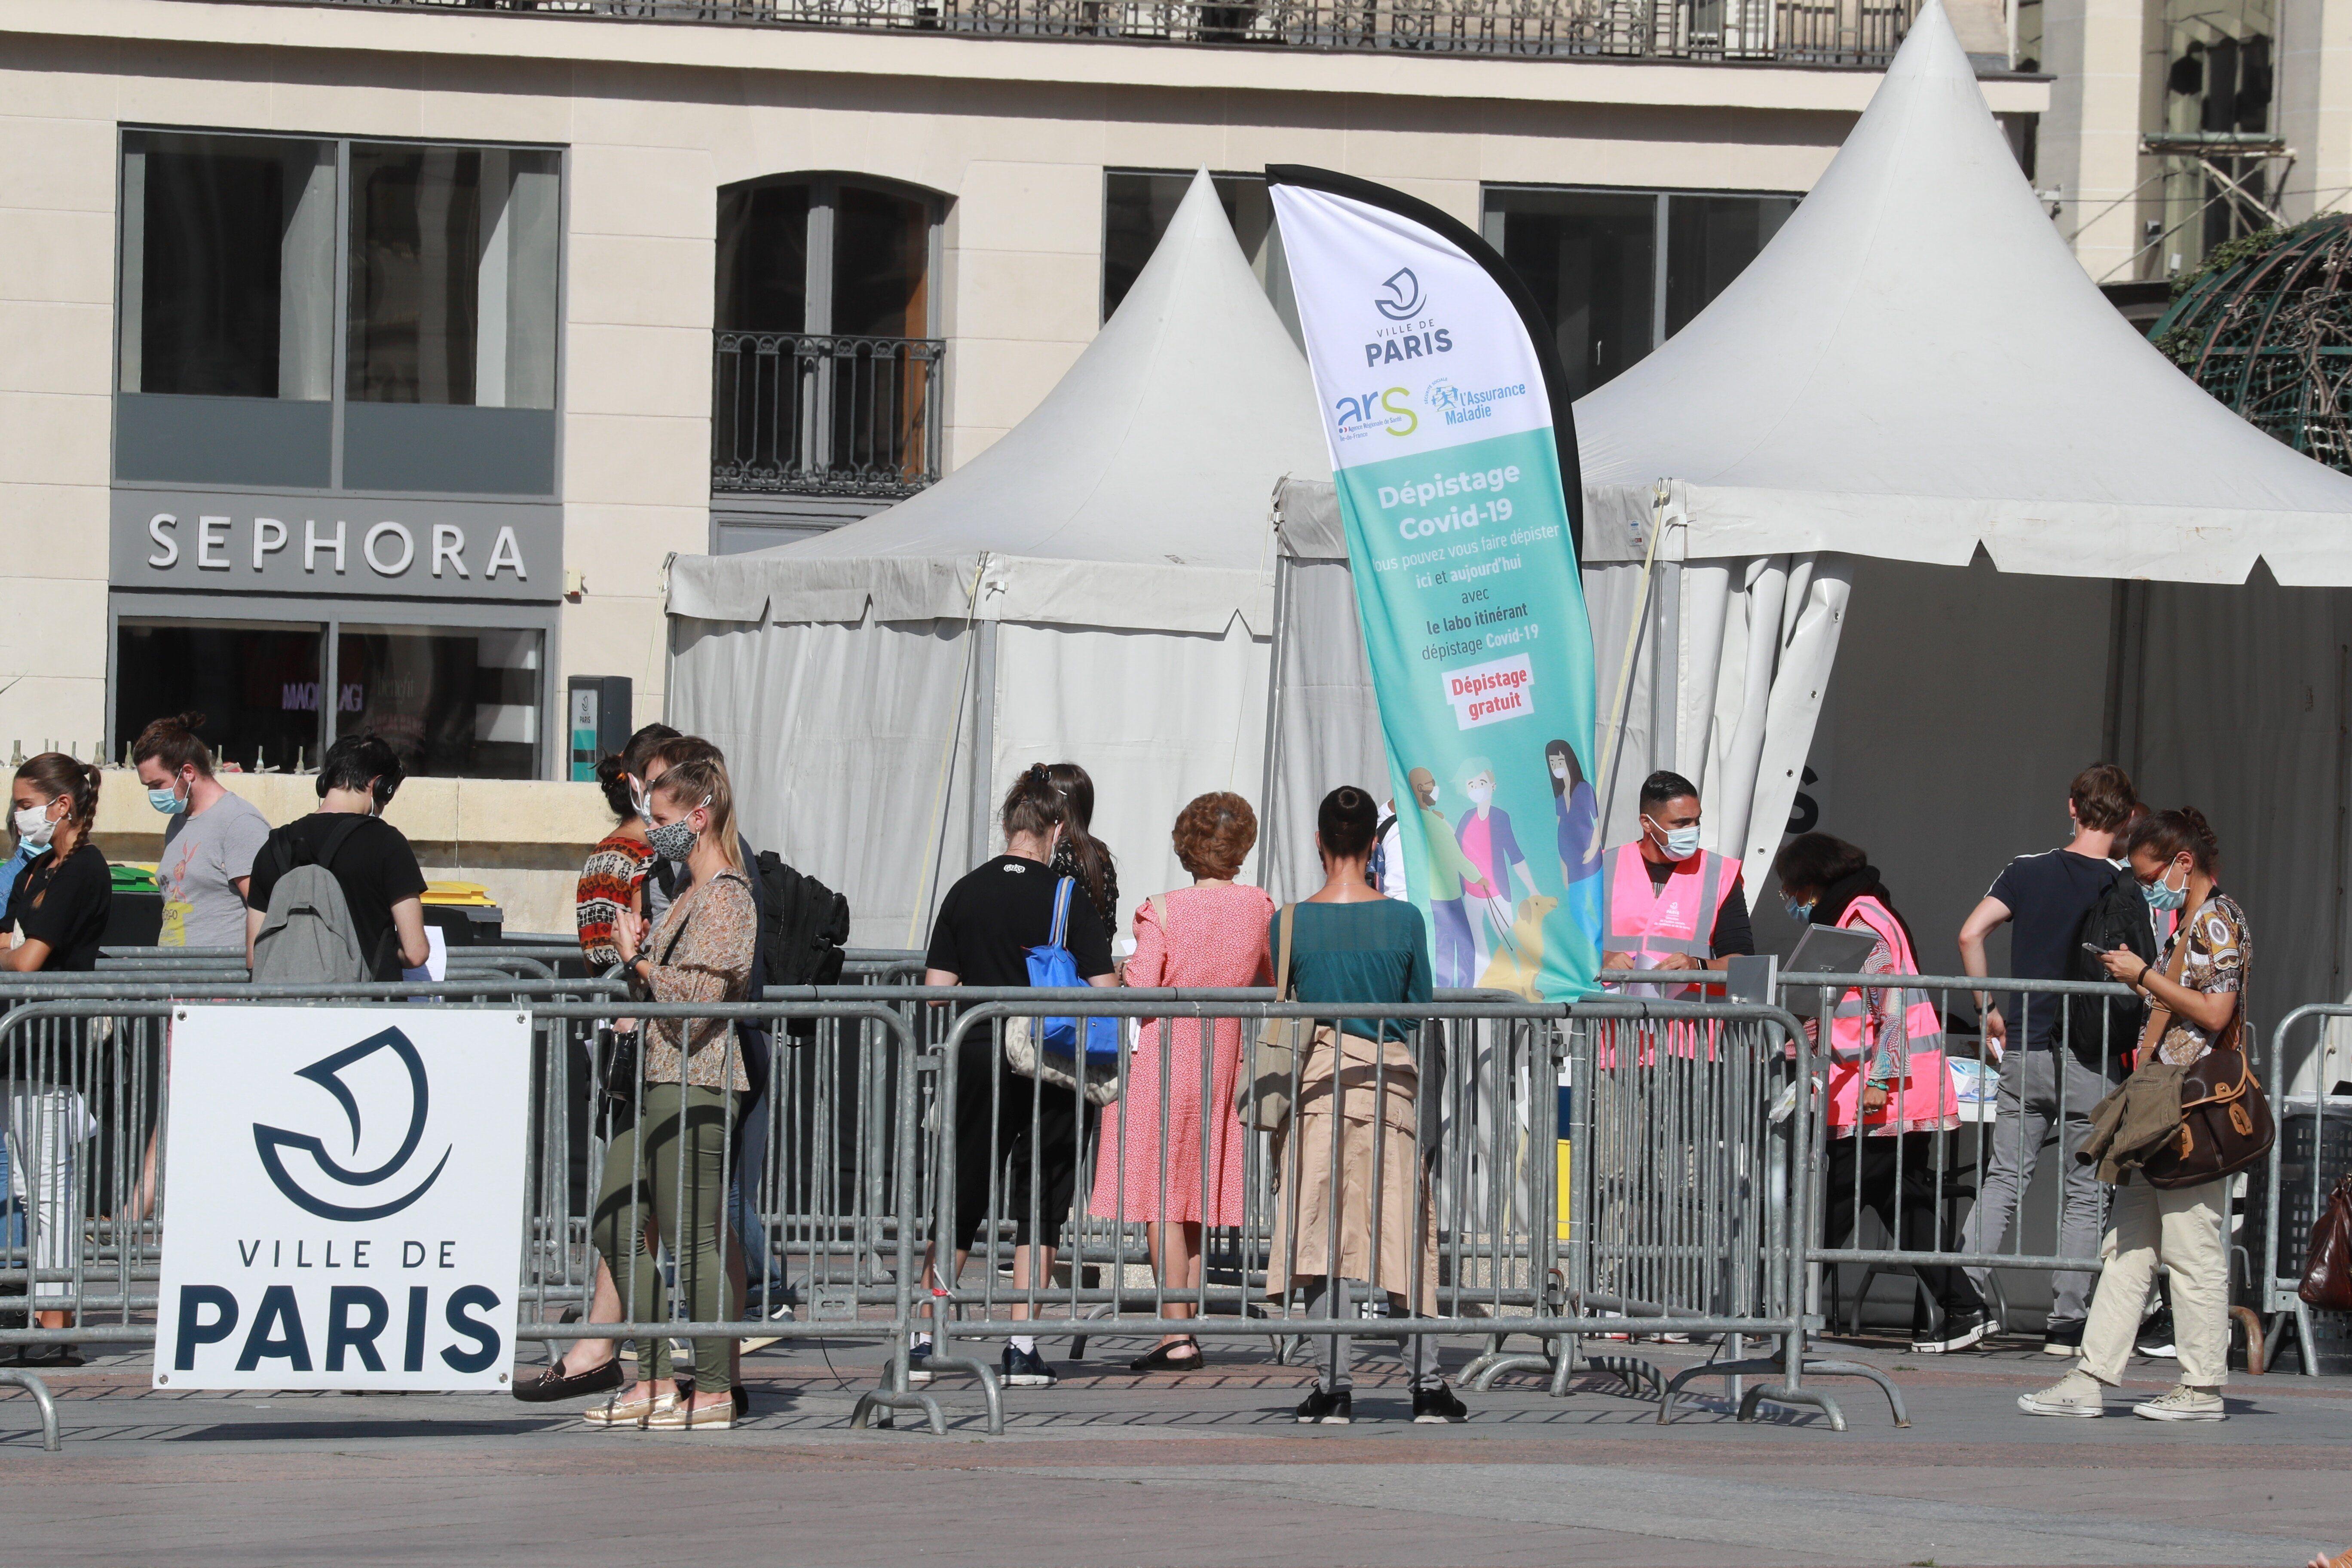 Devant un stand de test Covid-19 installé devant l'Hôtel de Ville à Paris, le 7 septembre